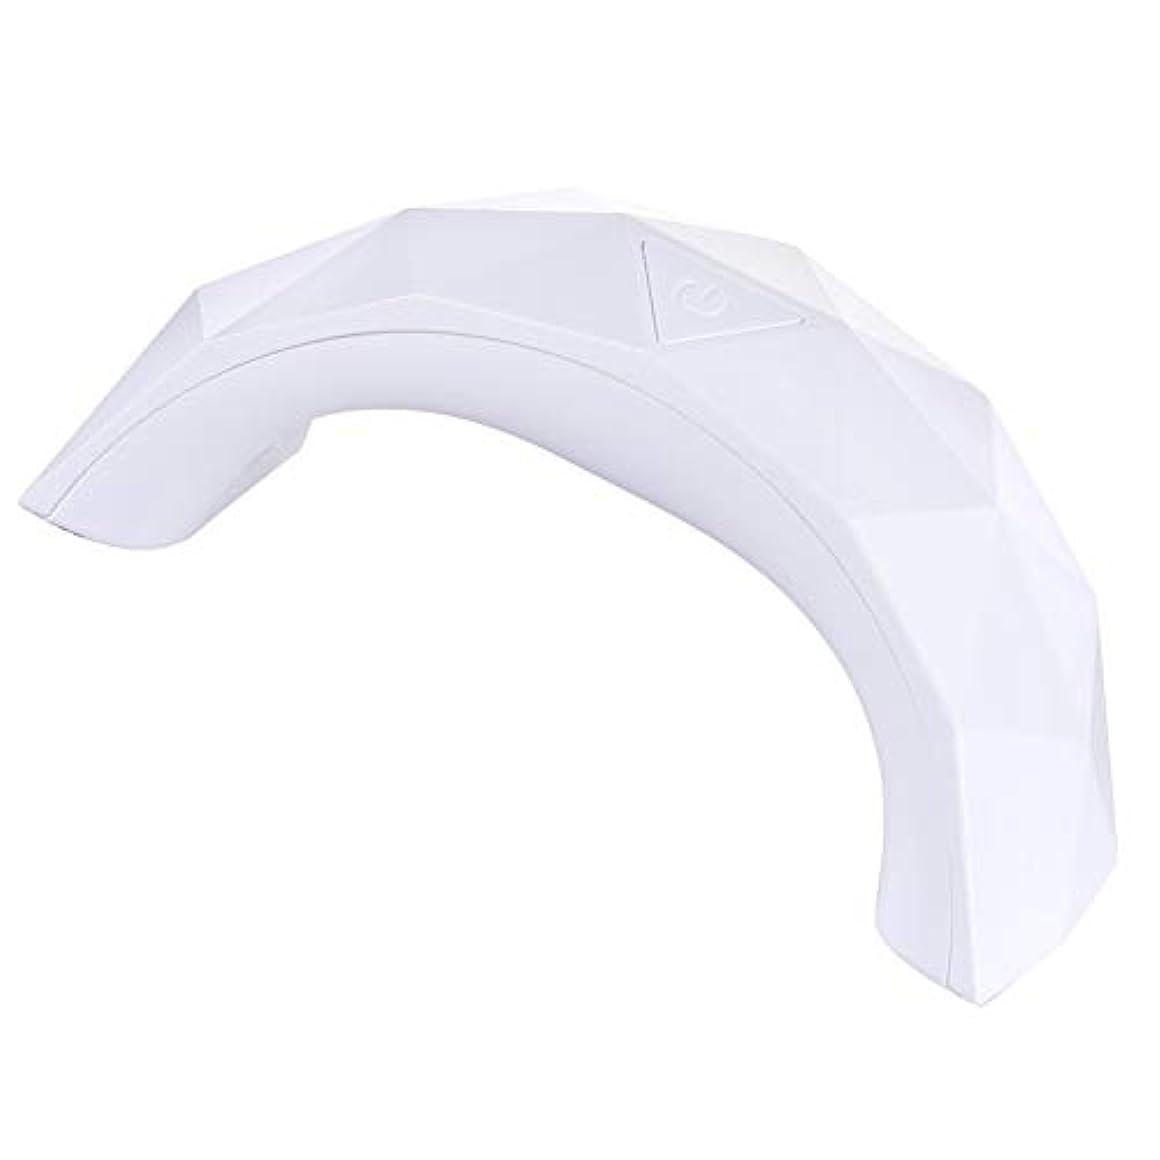 気になる服を着る湾グレファイディンマニキュアランプネイルマシンソリッドカラーミニブリッジLED UVネイルランプゲルポリッシュドライヤータイミングマニキュアライト - レッド